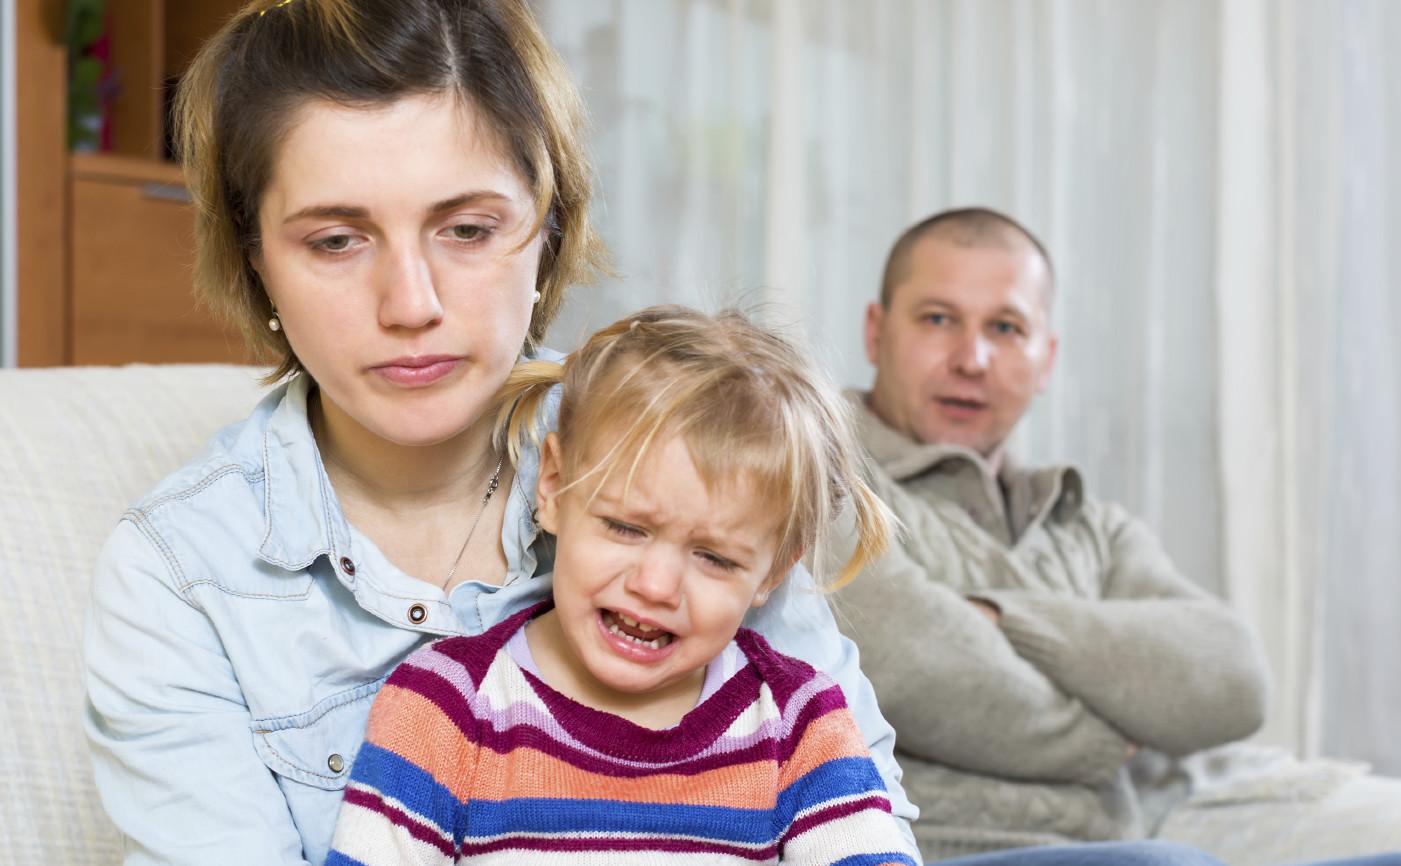 Не распределены семейные роли